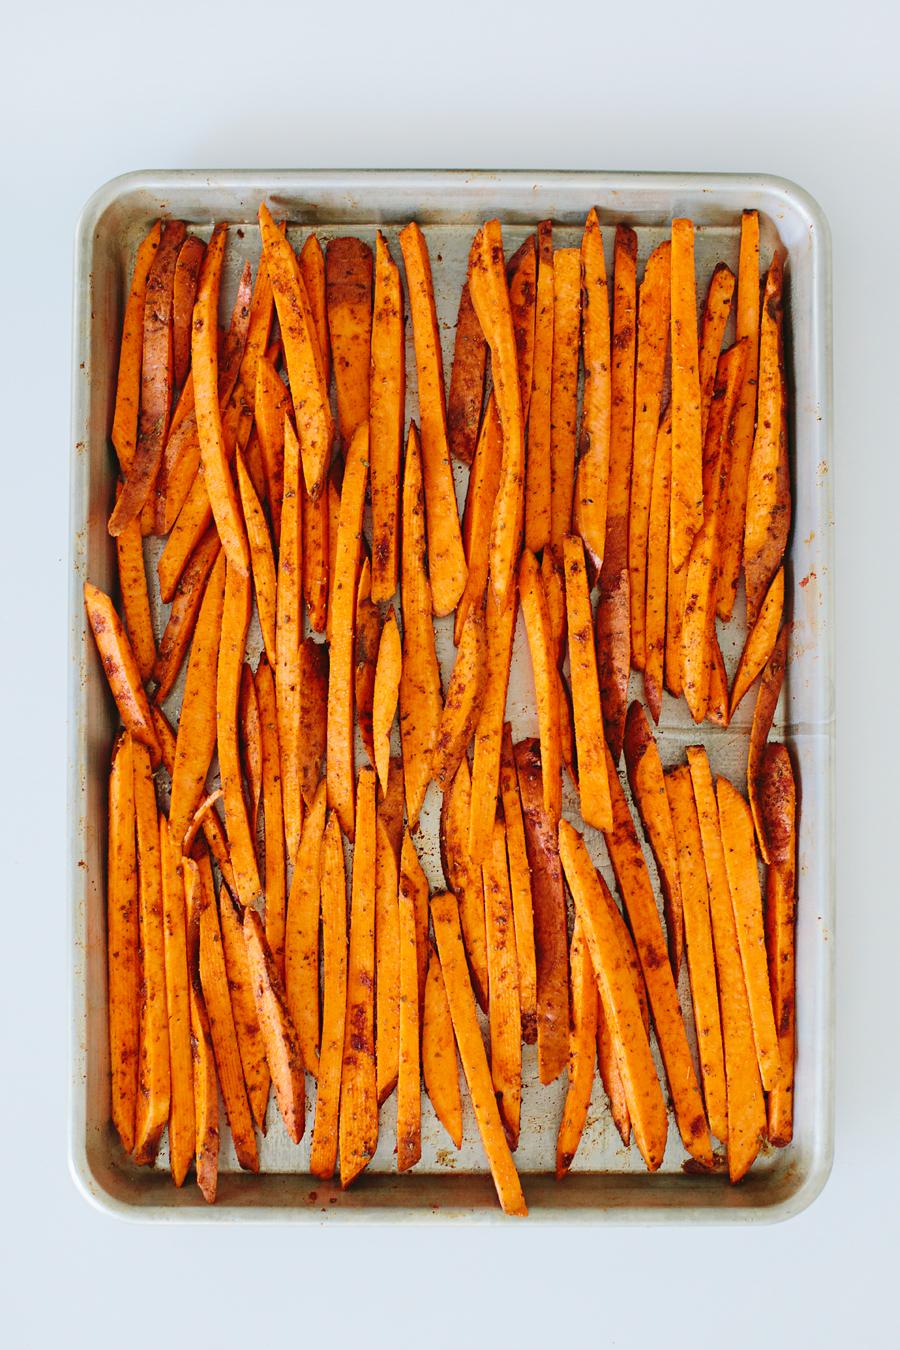 brookecourtney_sweetpotatofries_ovenbaked_frysauce-10.jpg